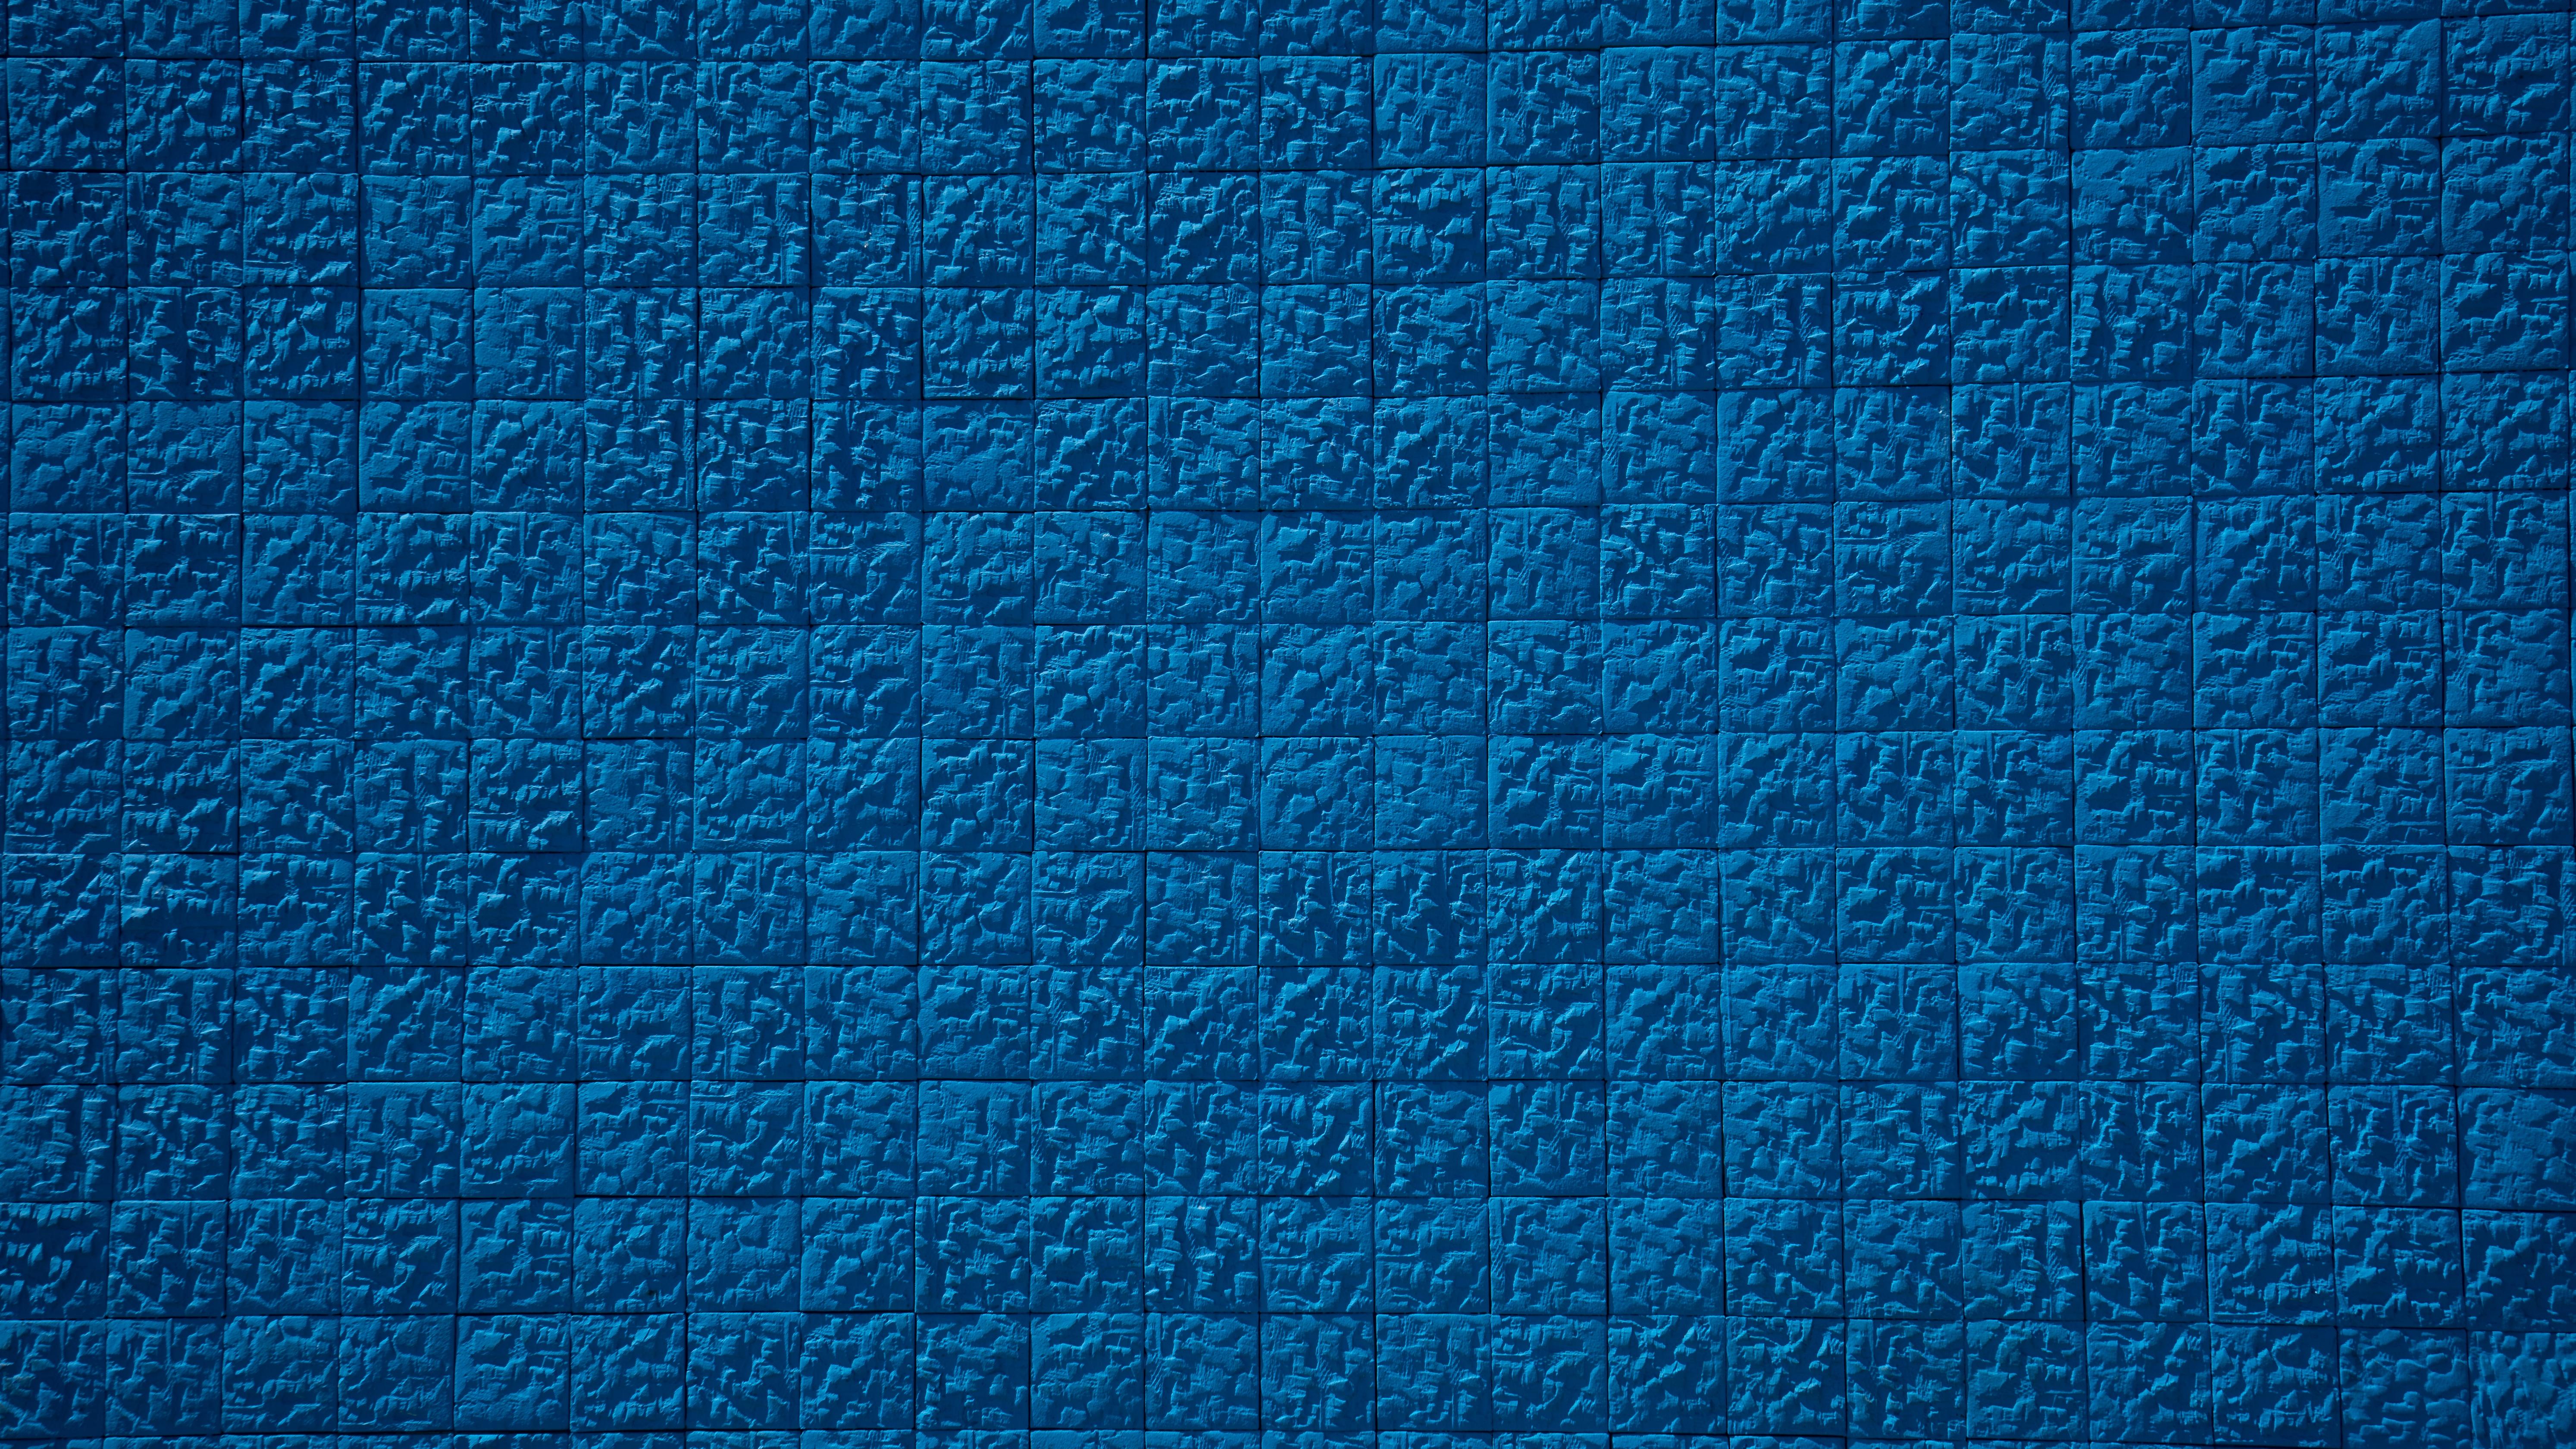 Fotos Gratis Textura Piso Asfalto Patr N L Nea Azul